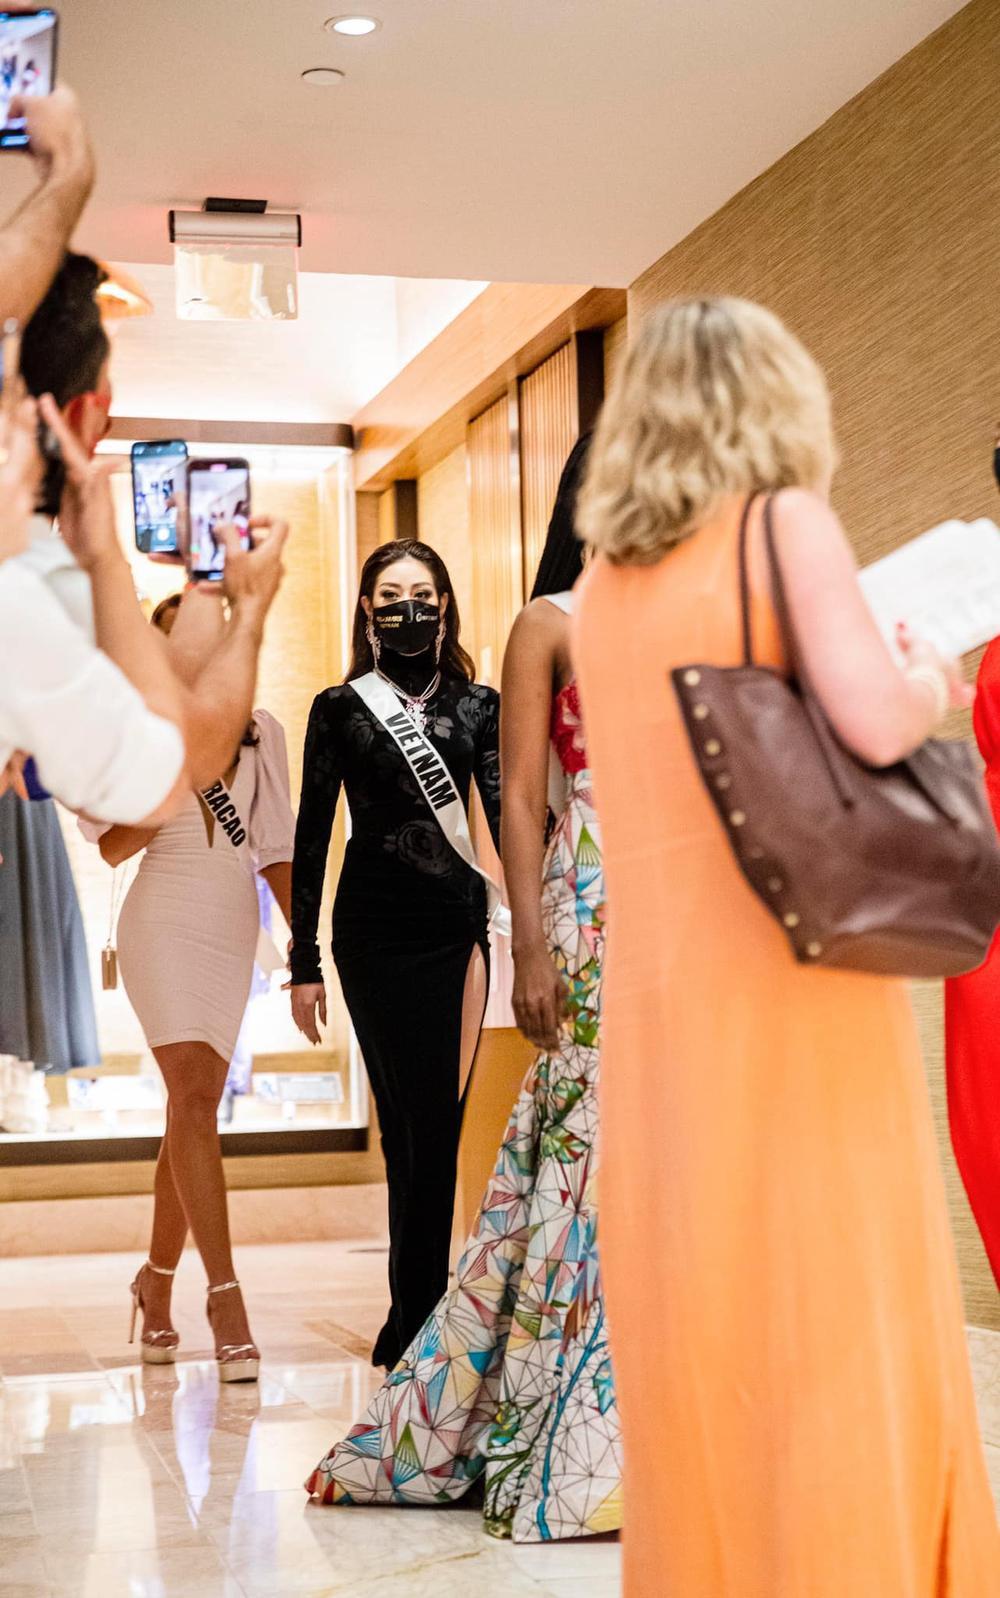 Khánh Vân triệt để đường cong với bộ váy hoa hồng nhung đen: Vừa quyền lực vừa sang trọng hết cỡ Ảnh 1